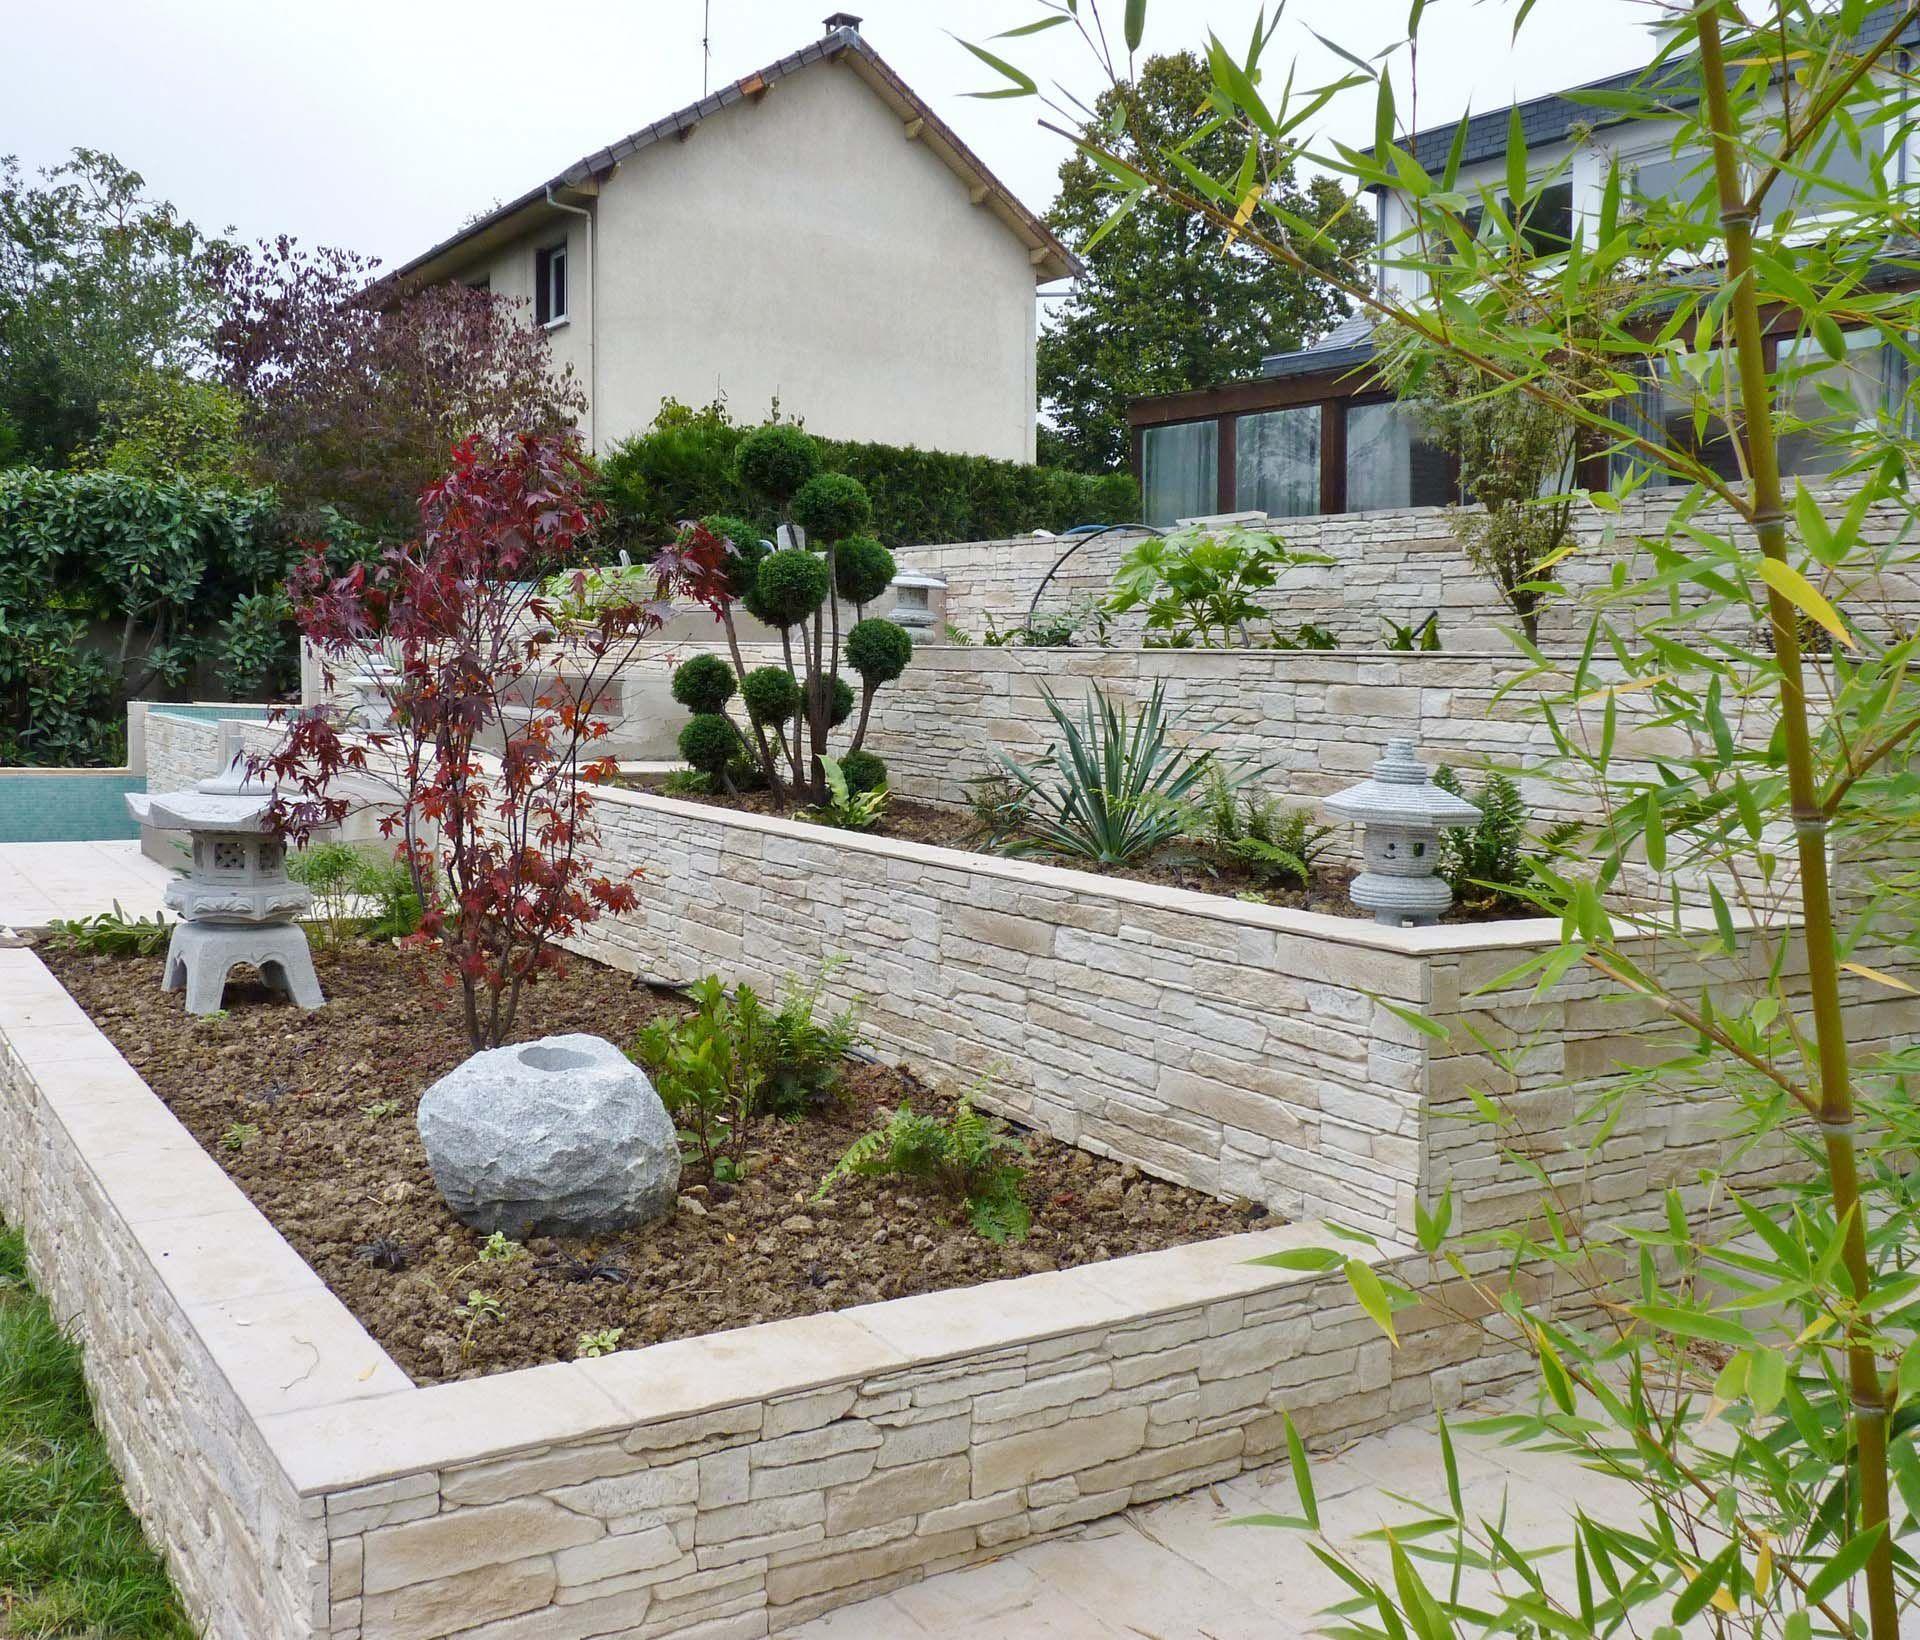 Maison Renovation Luxe Amenagement Paysage Jardin Escalier